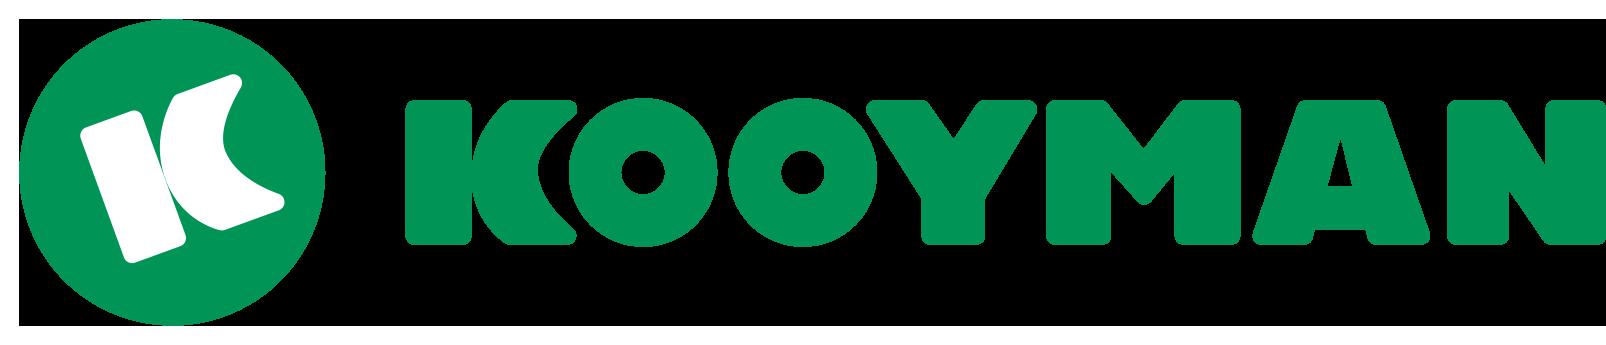 Kooyman logo.